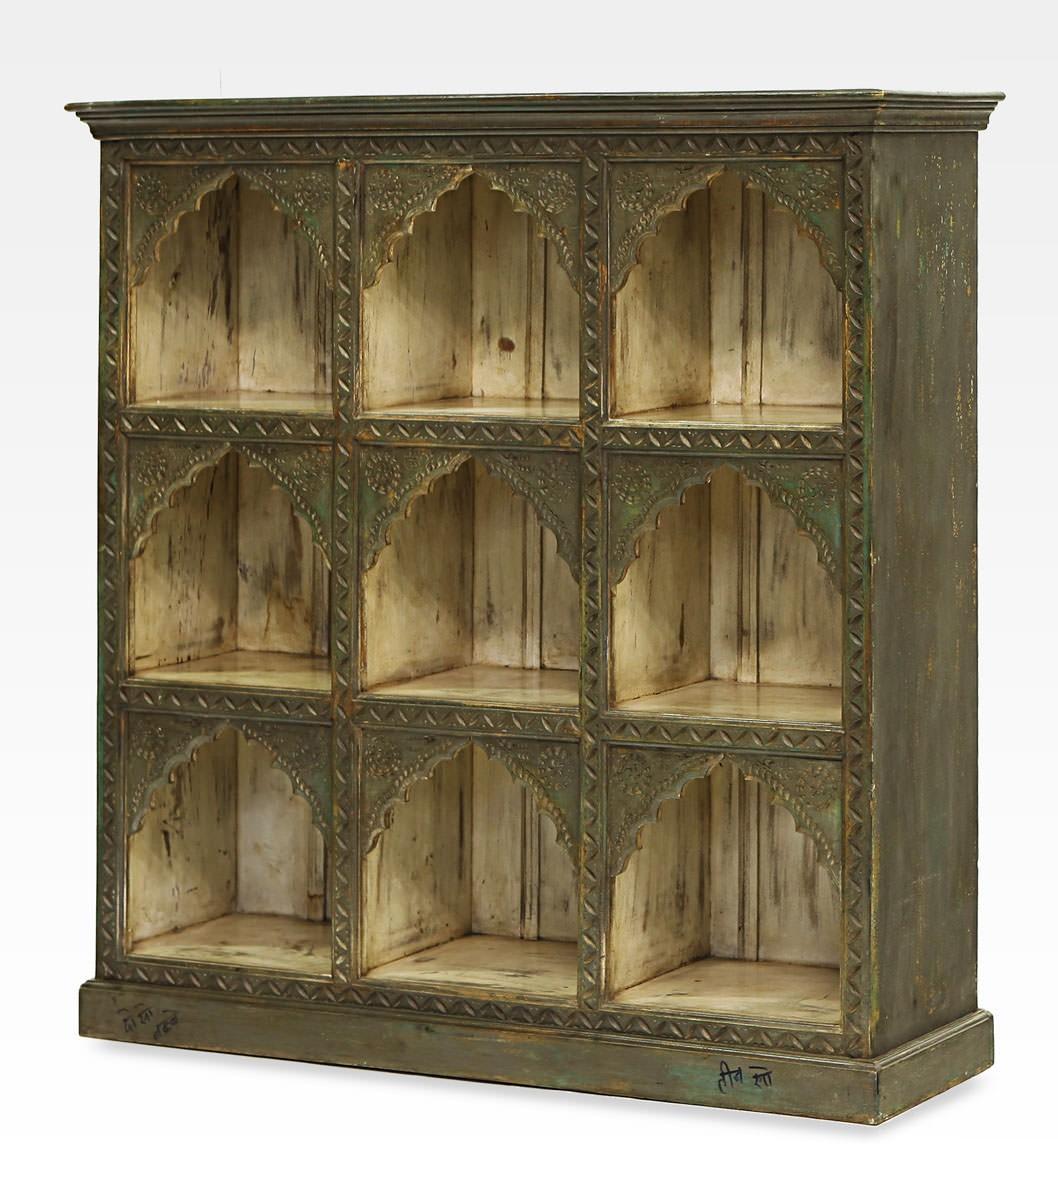 Libreria indiana verde a nove nicchie legno di mango 0022 0083 - Libreria verde ...